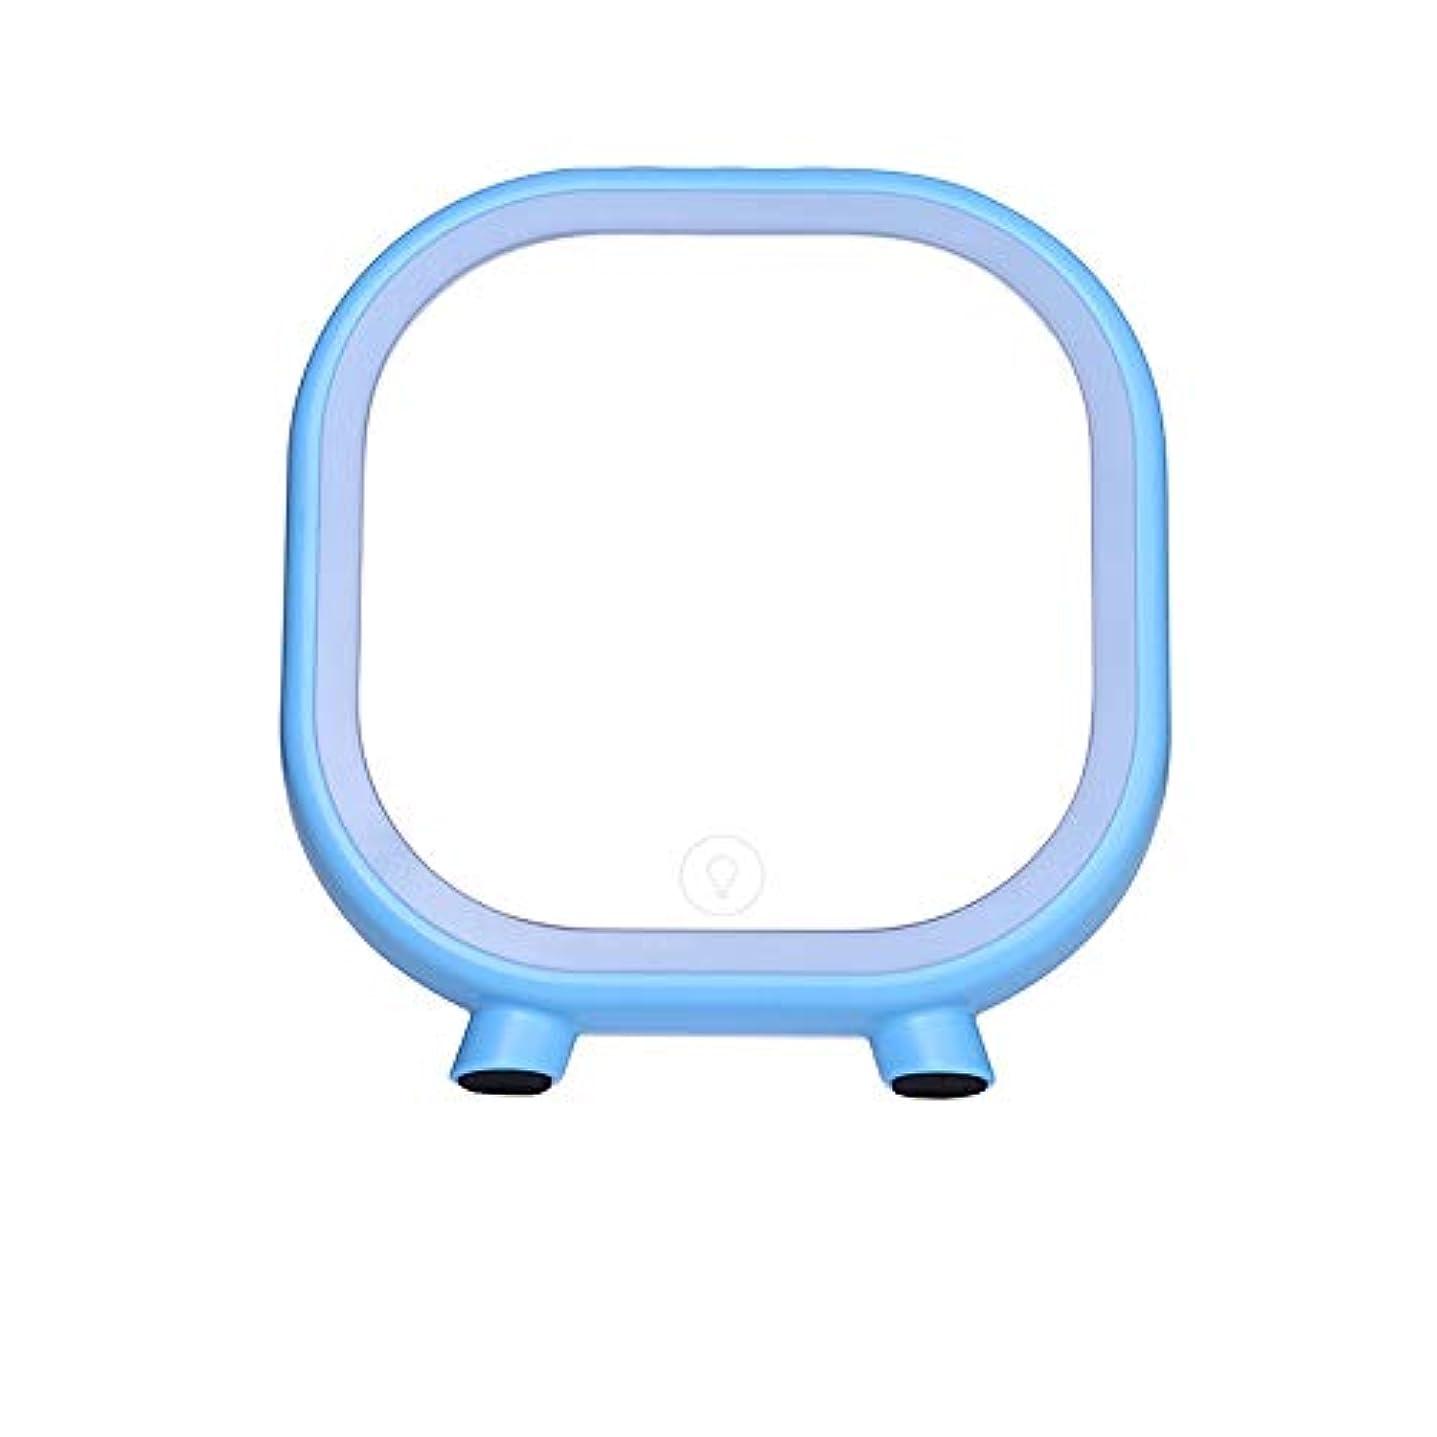 退院殺人者カーテン流行の 創造的なLEDの薄いピンク/青い正方形のブルートゥースのスピーカーの化粧台/化粧鏡 (色 : Blue)